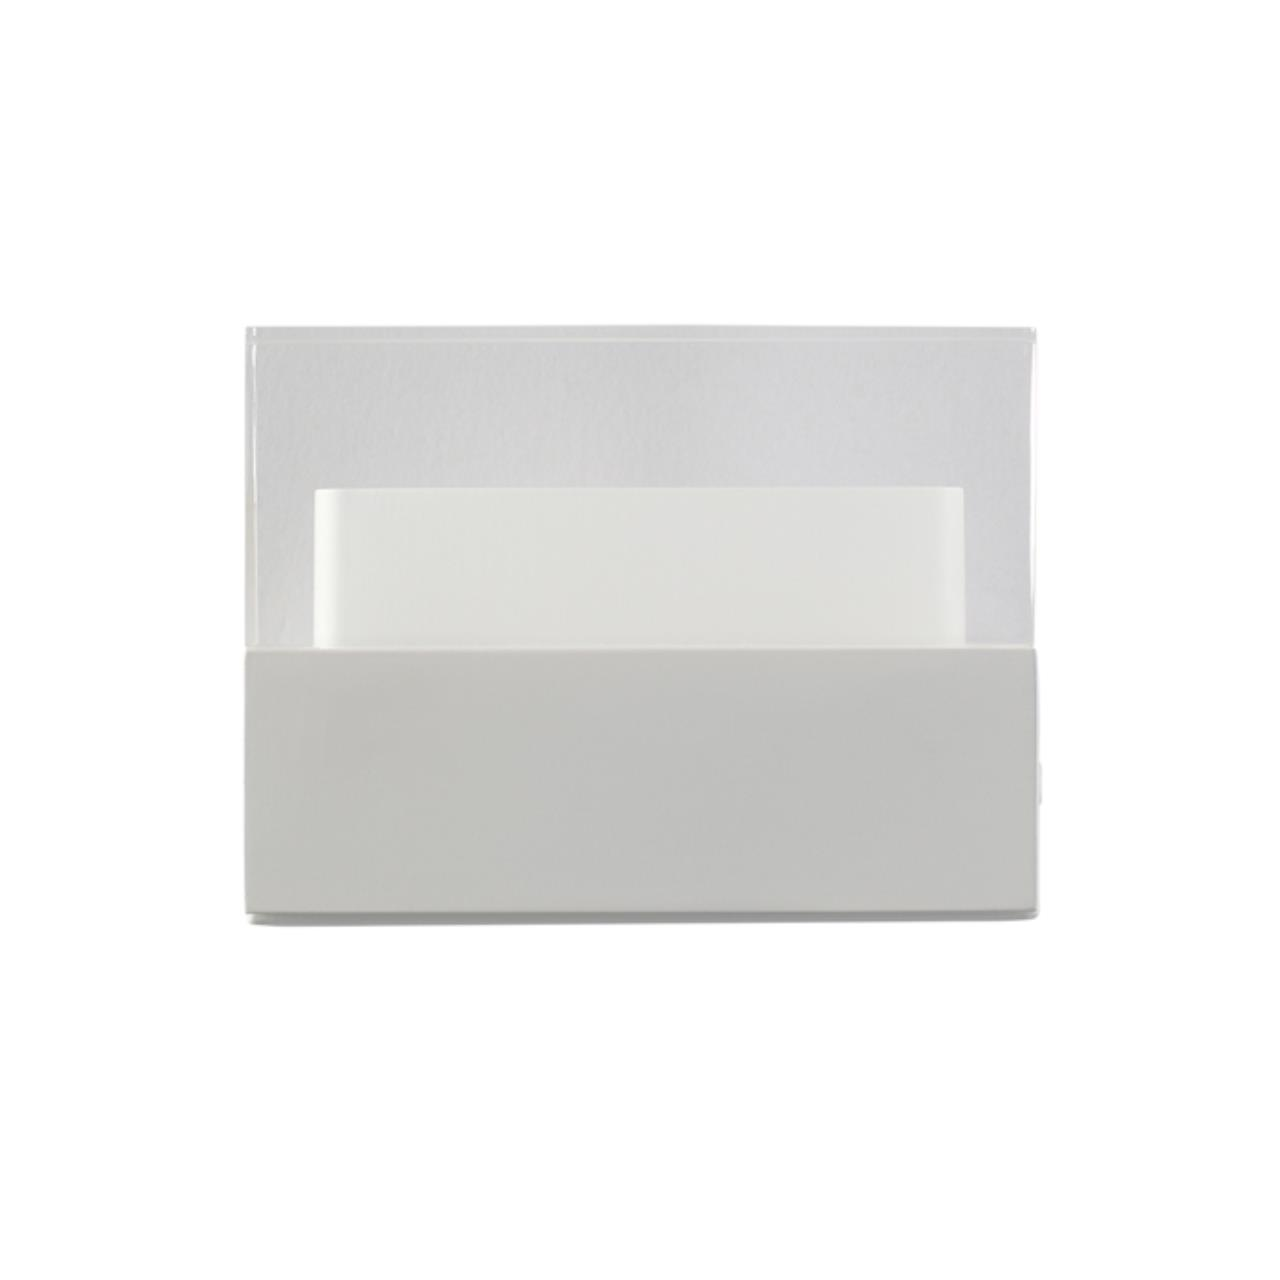 3541/6LW L-VISION ODL18 белый Настенный светильник IP20 LED 3000K 6W 500Лм 220V STALLITE